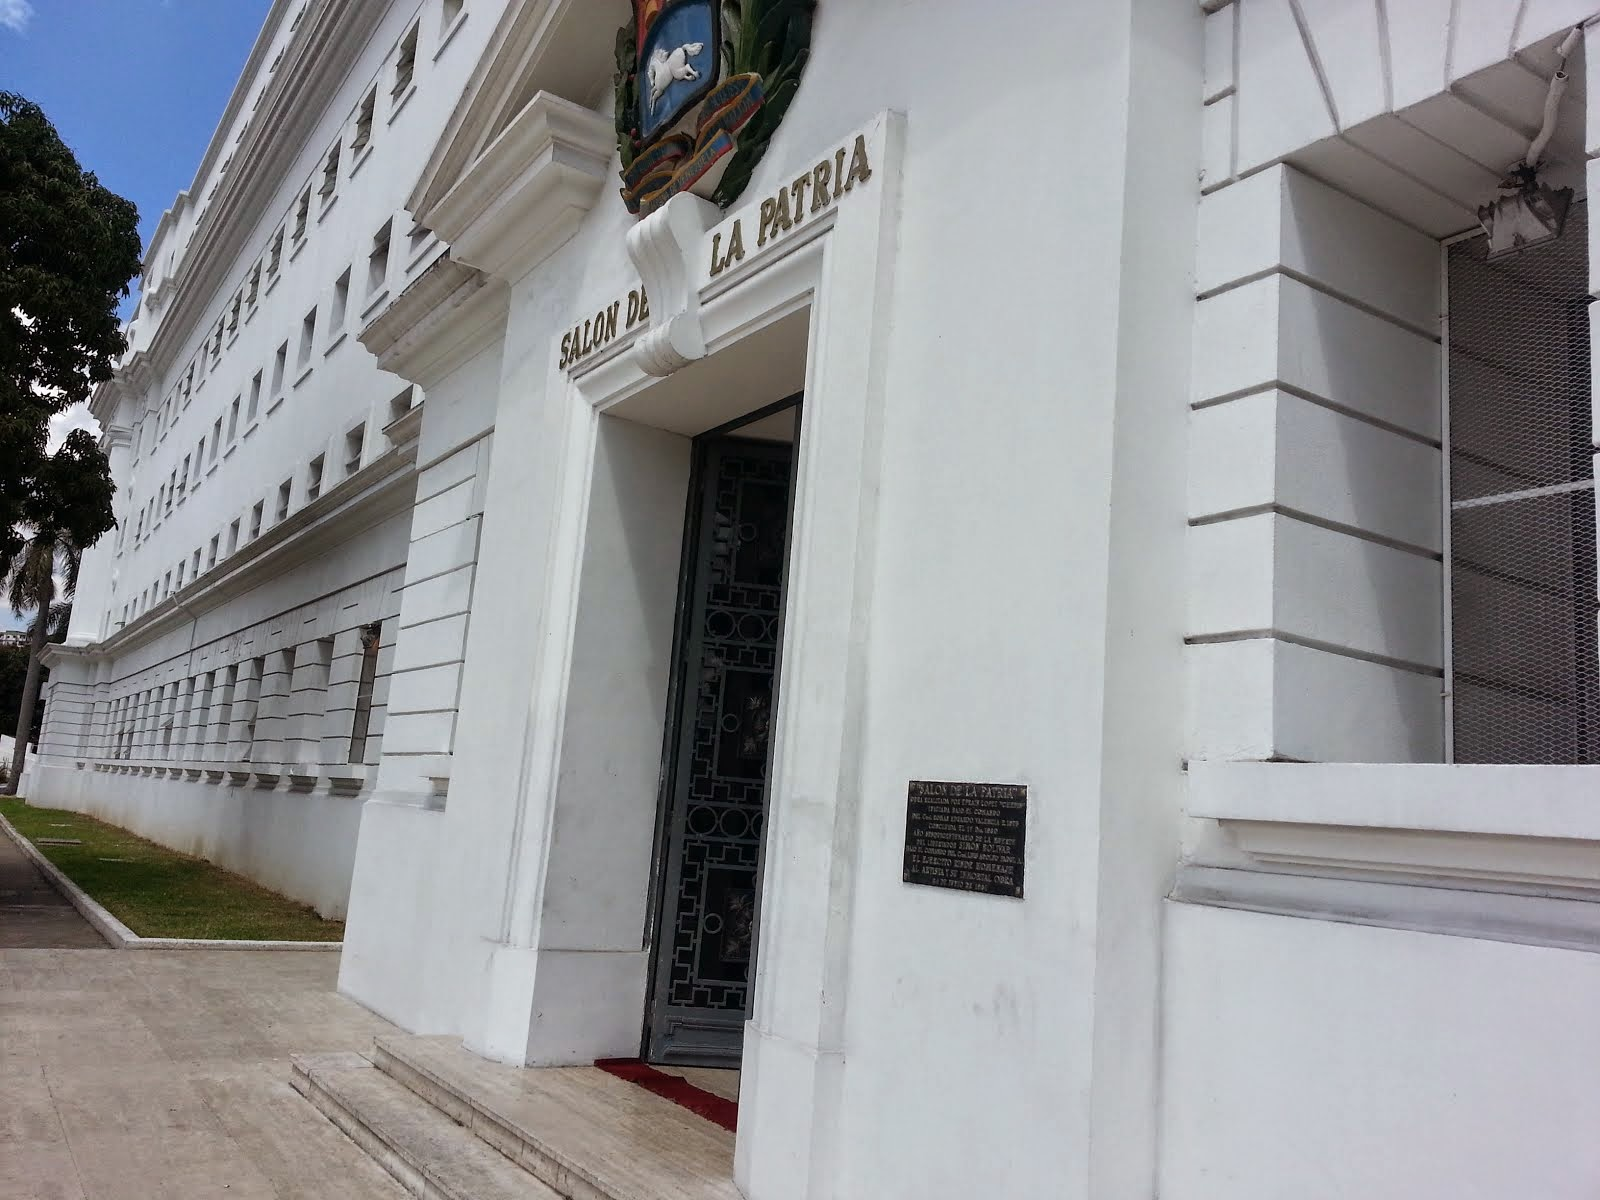 Entrada al Salón de la Patria